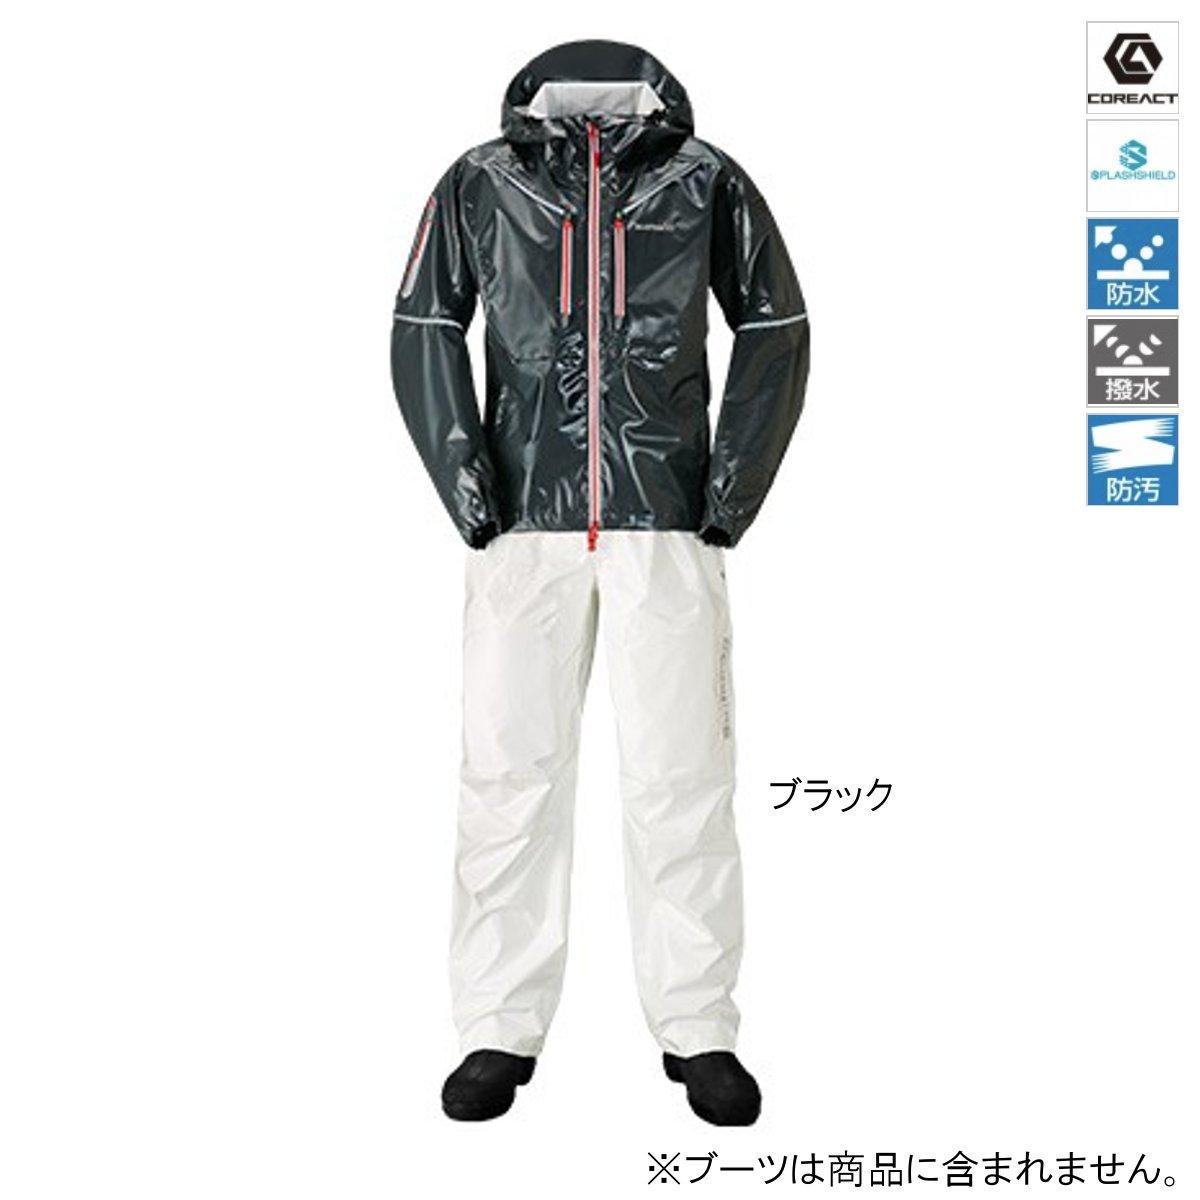 シマノ SS・3Dマリンスーツ RA-033R XL ブラック(東日本店)